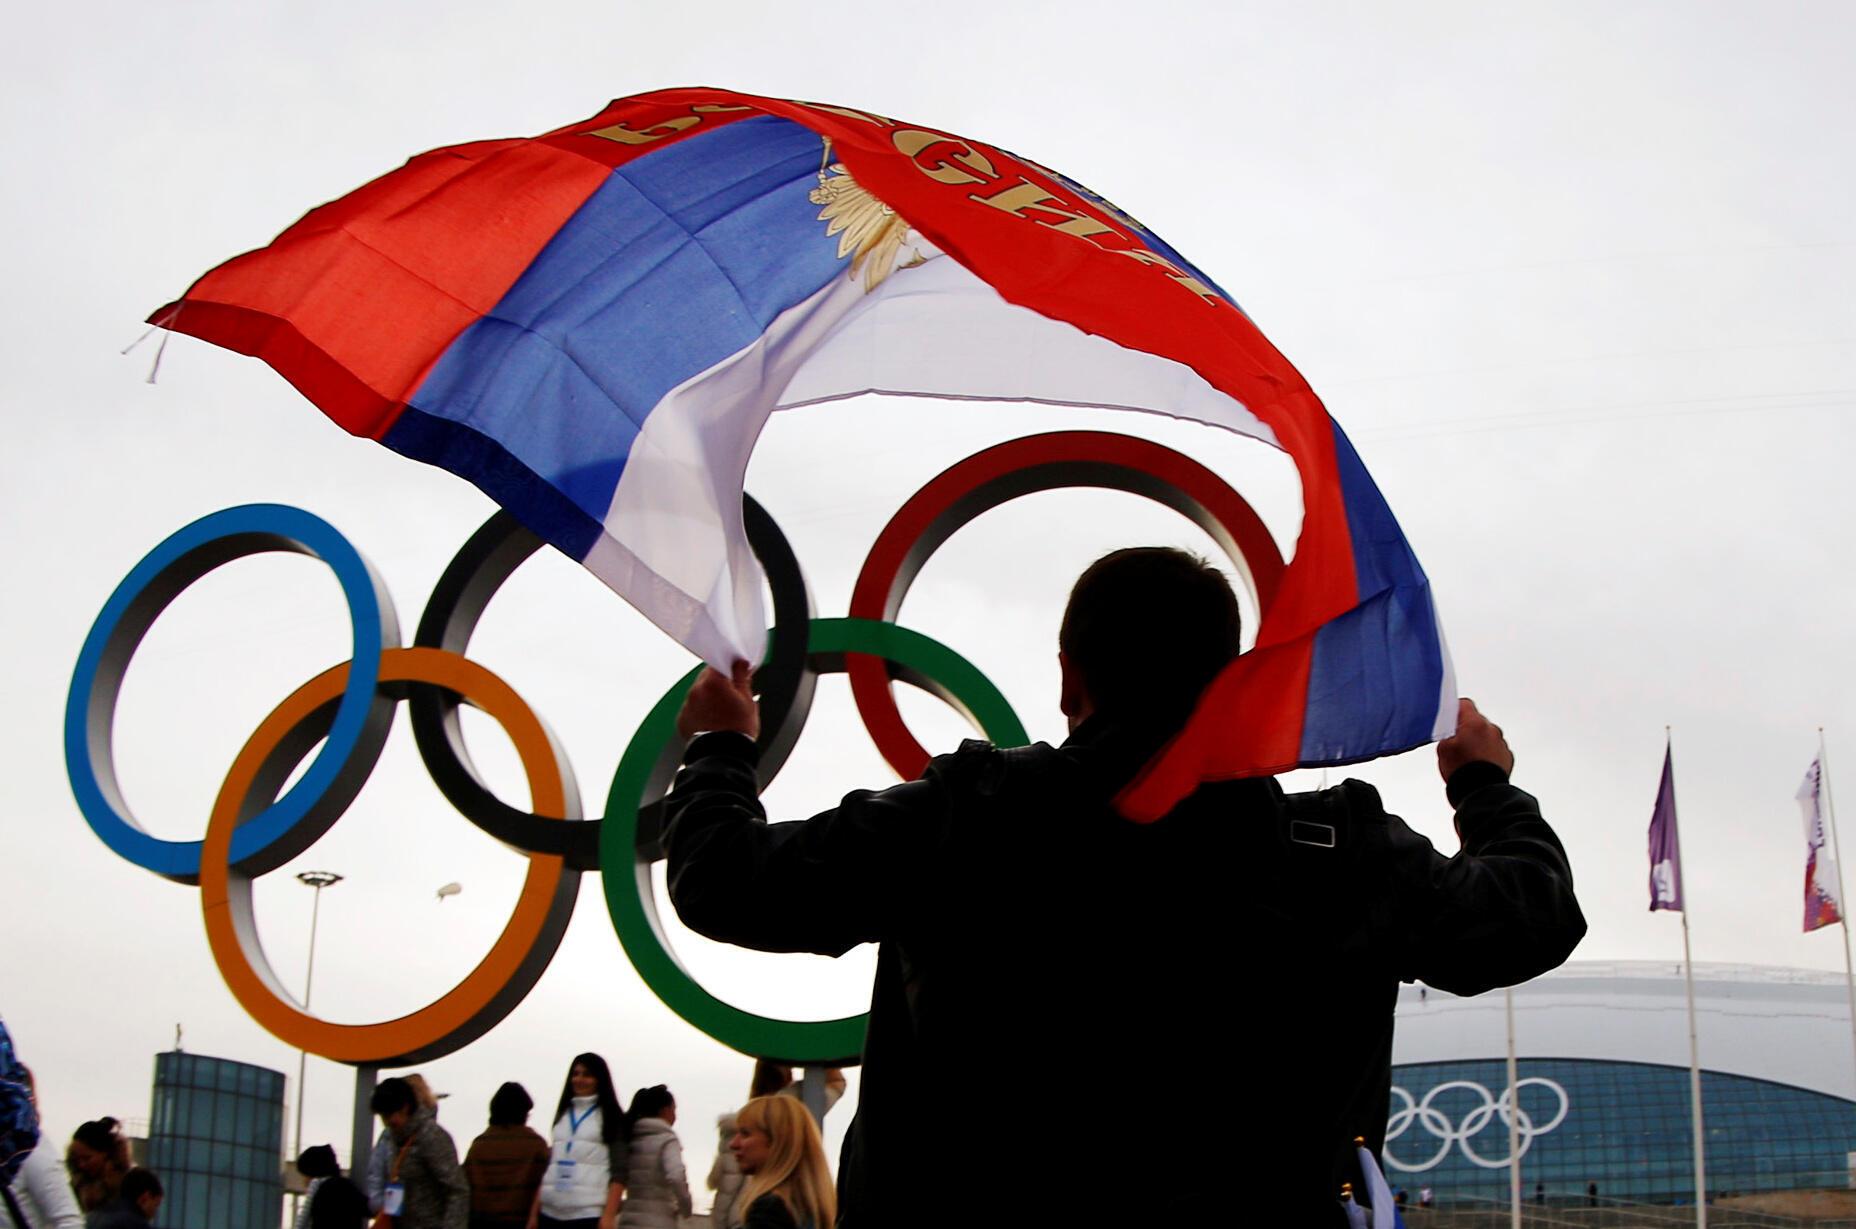 Um homem com a bandeira da Rússia durante os Jogos Olímpicos de inverno de Sochi, em 2014